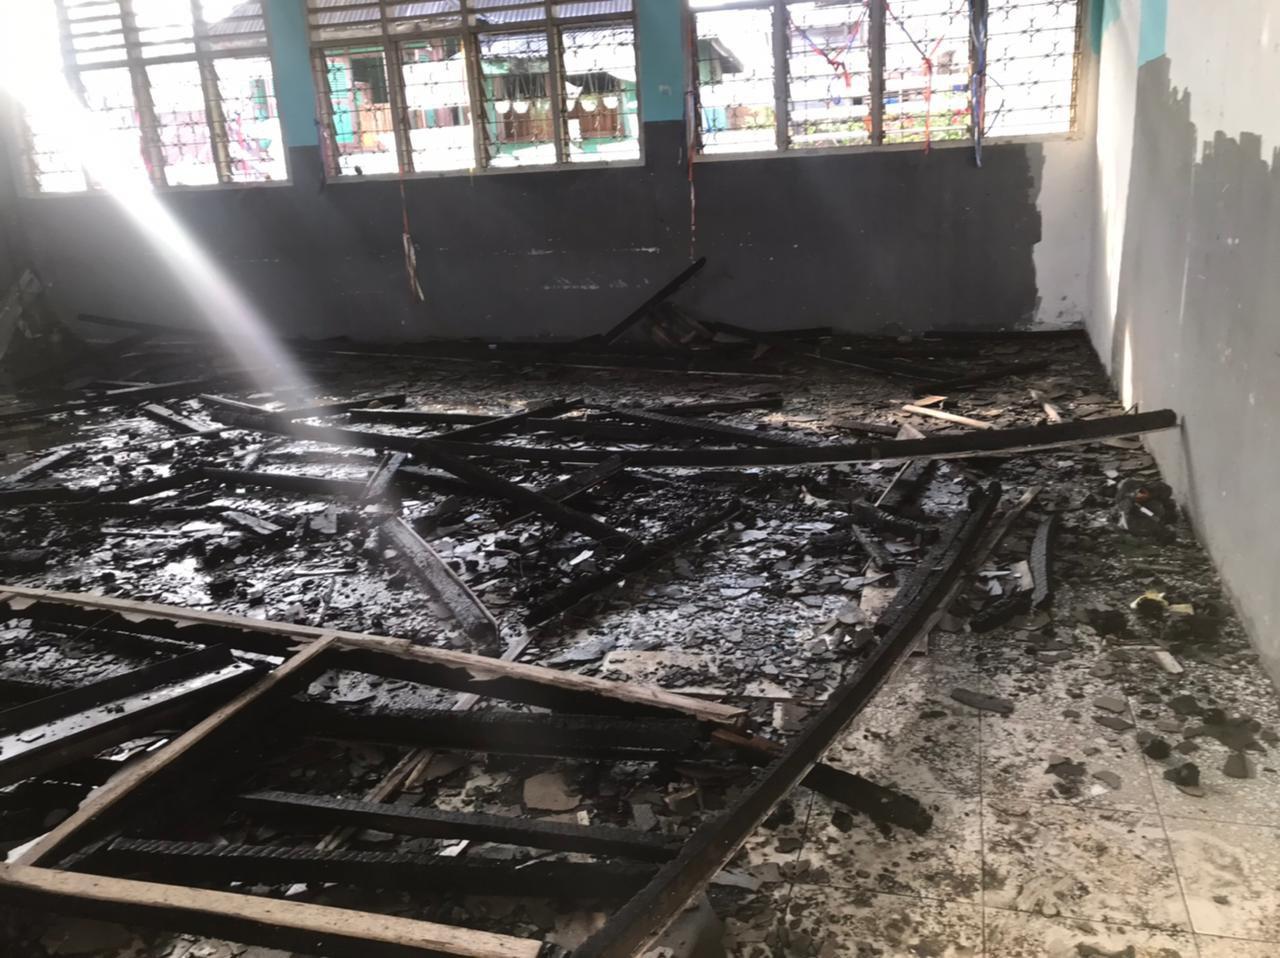 Kebakaran Gedung Sekolah di Maga Lombang, Kerugian Capai Ratusan Juta